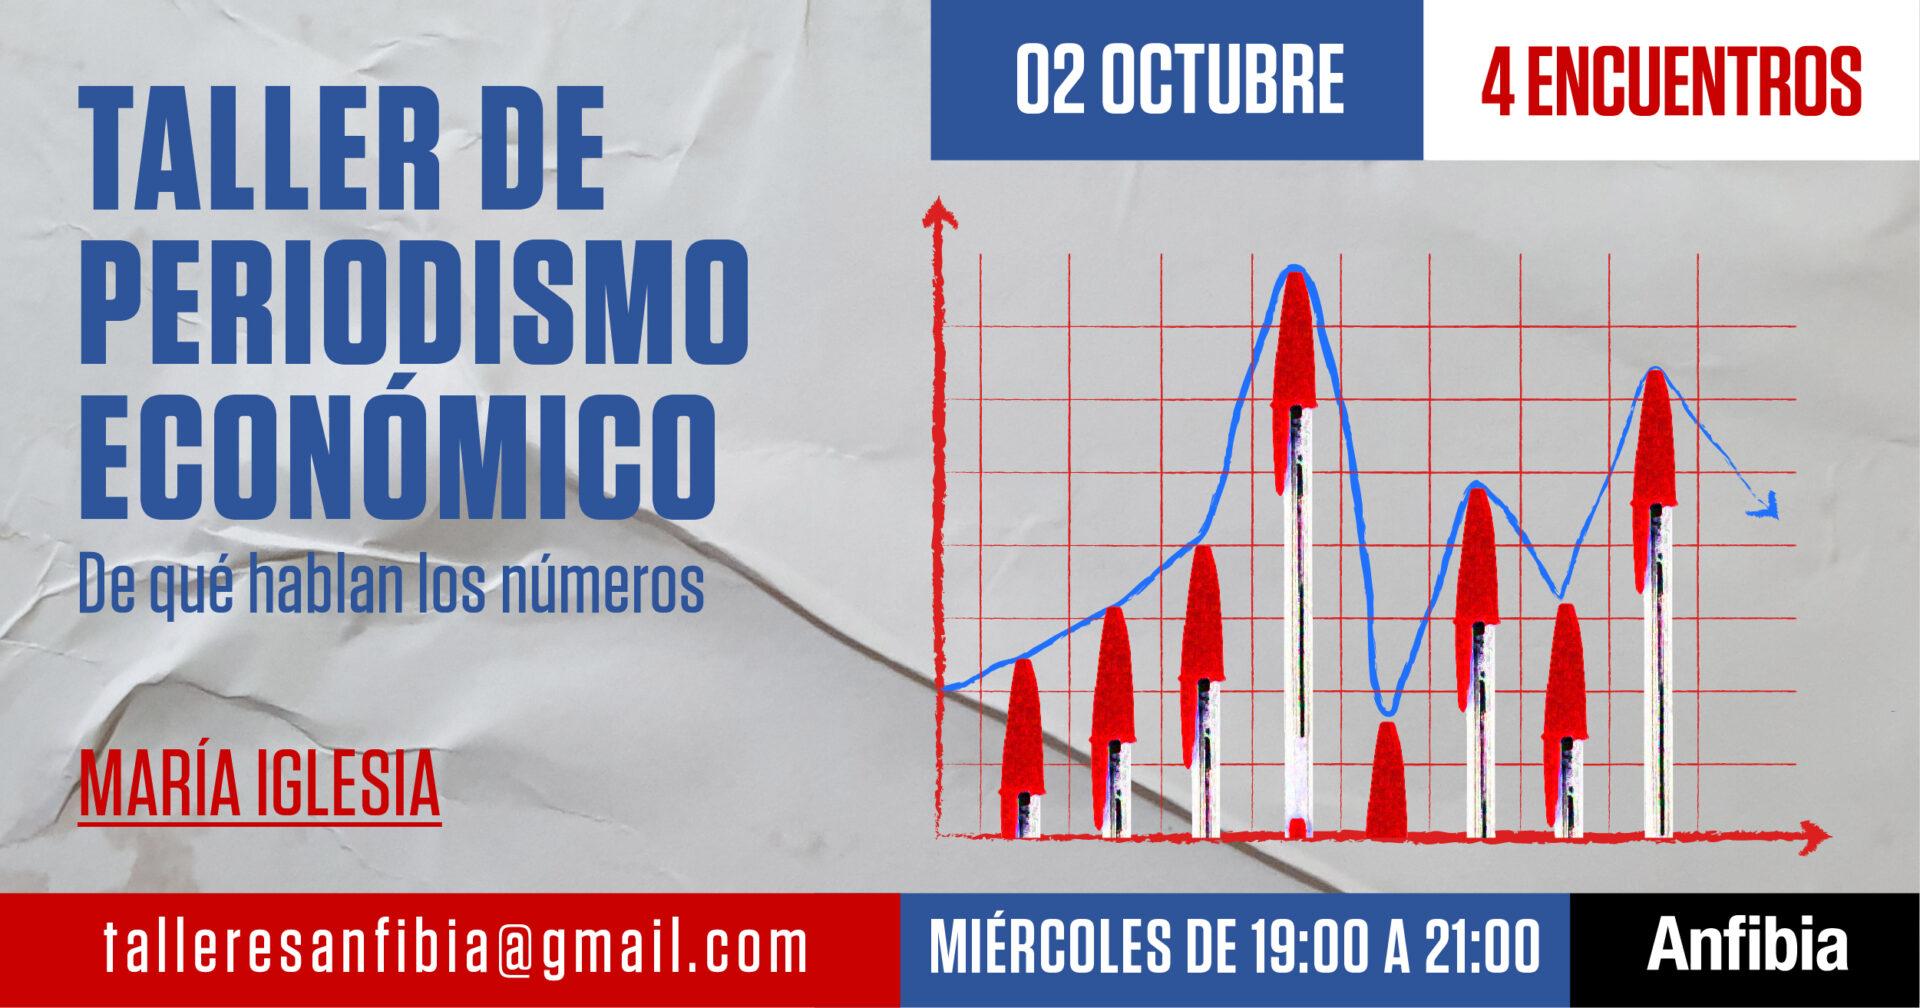 Taller periodismo economico-02